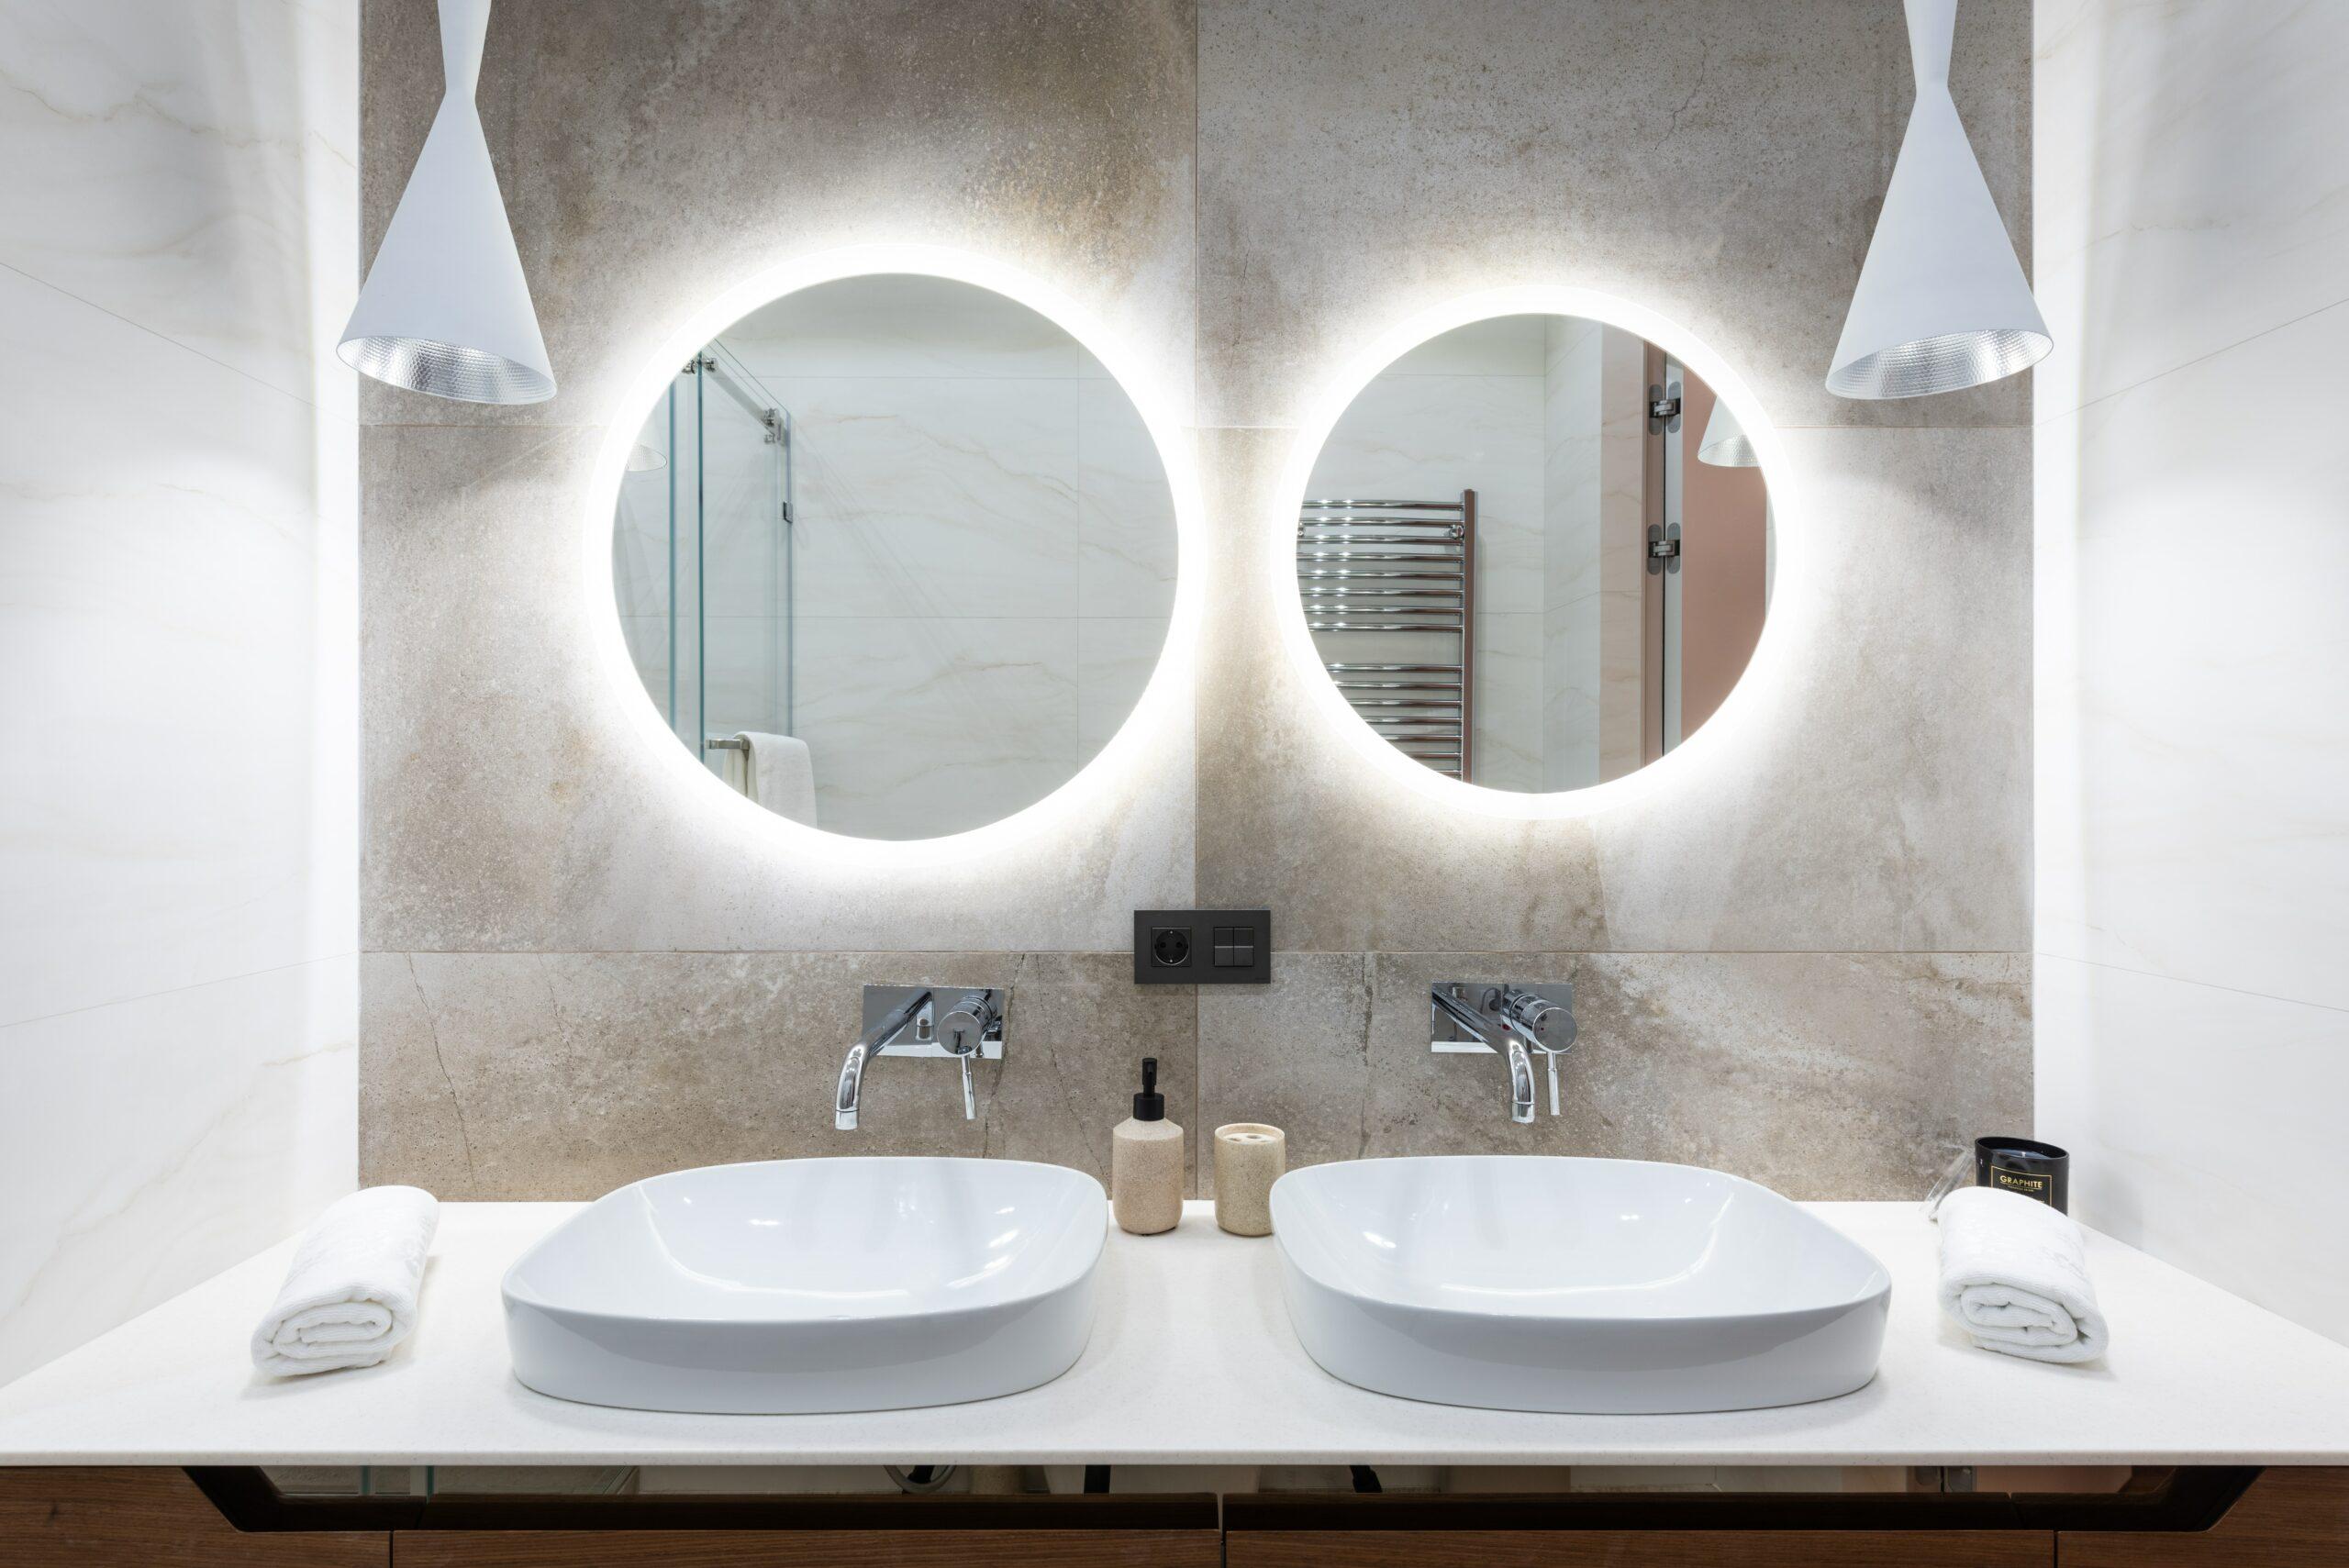 Zwei Waschtischarmaturen in der Wand